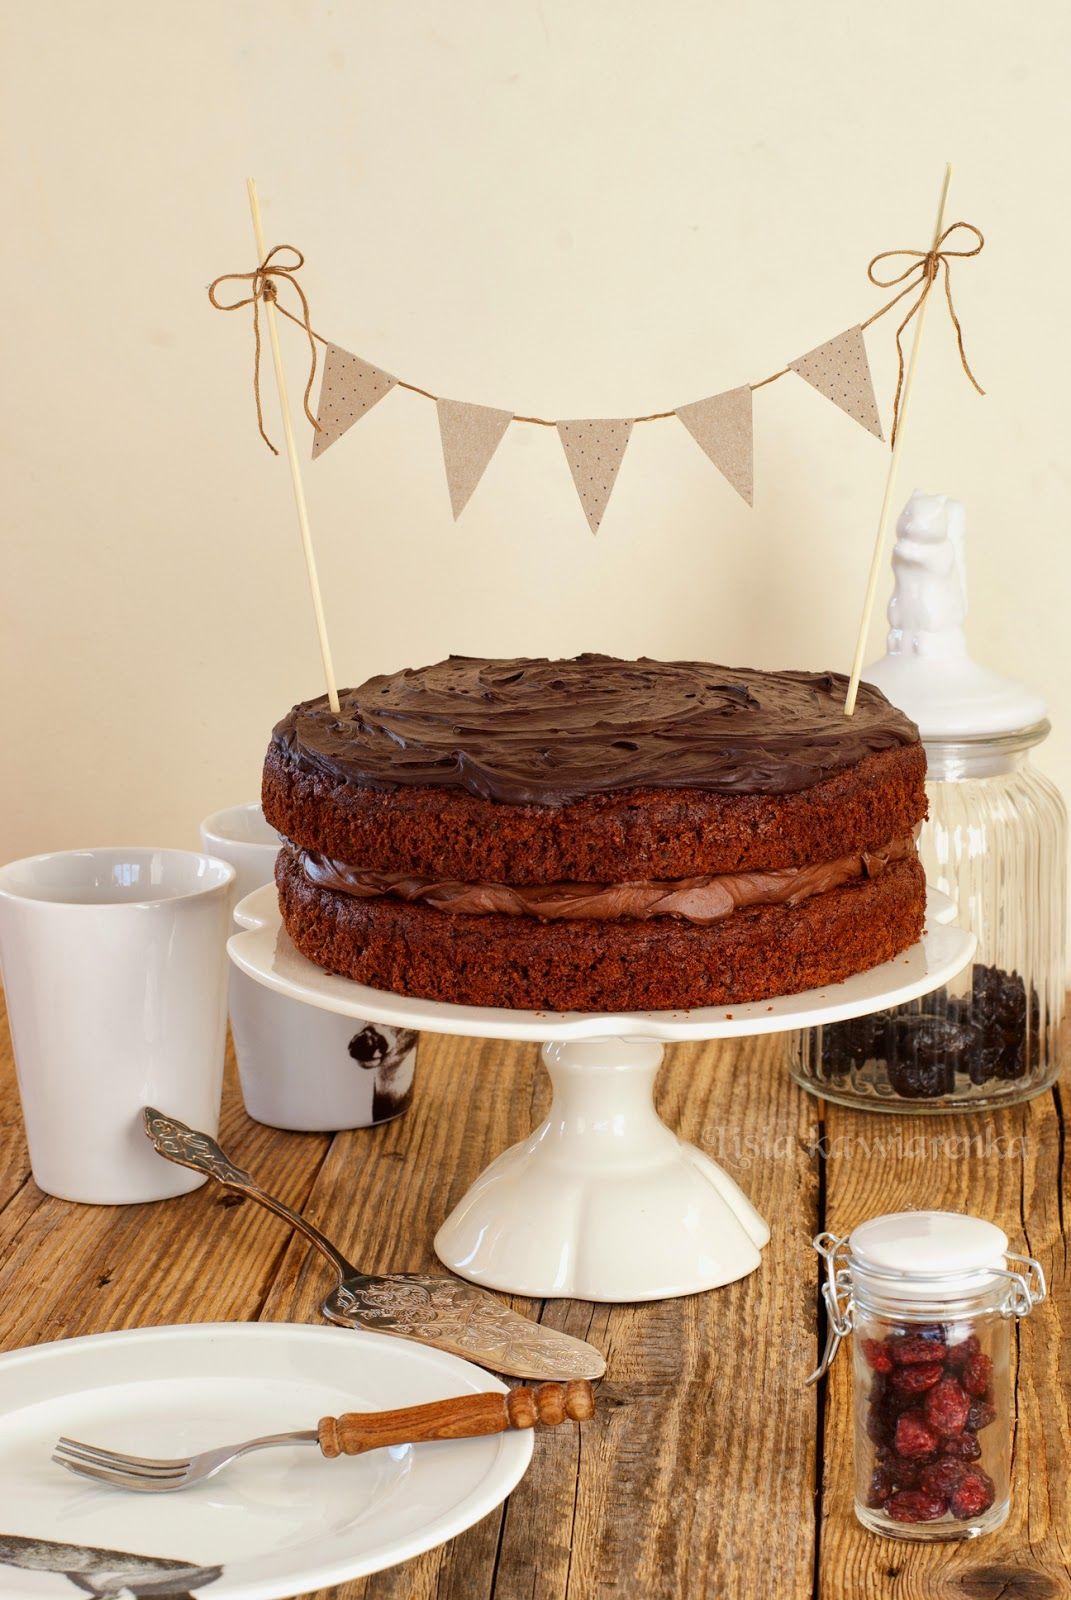 Kremowy Tort Czekoladowy Ze śliwkami Słodkości Desery